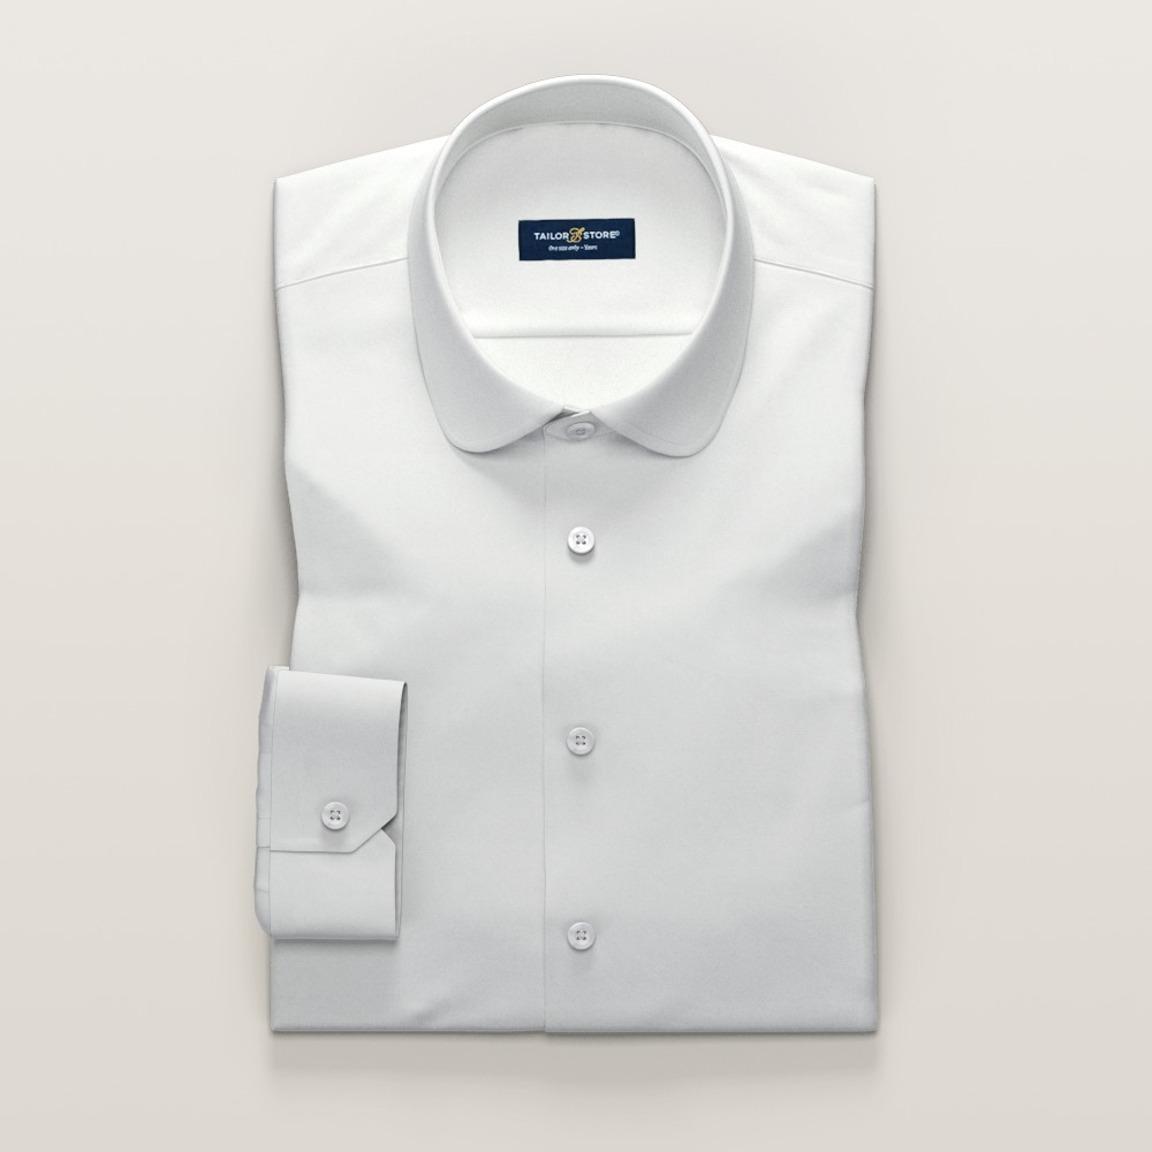 Ivory women's shirt